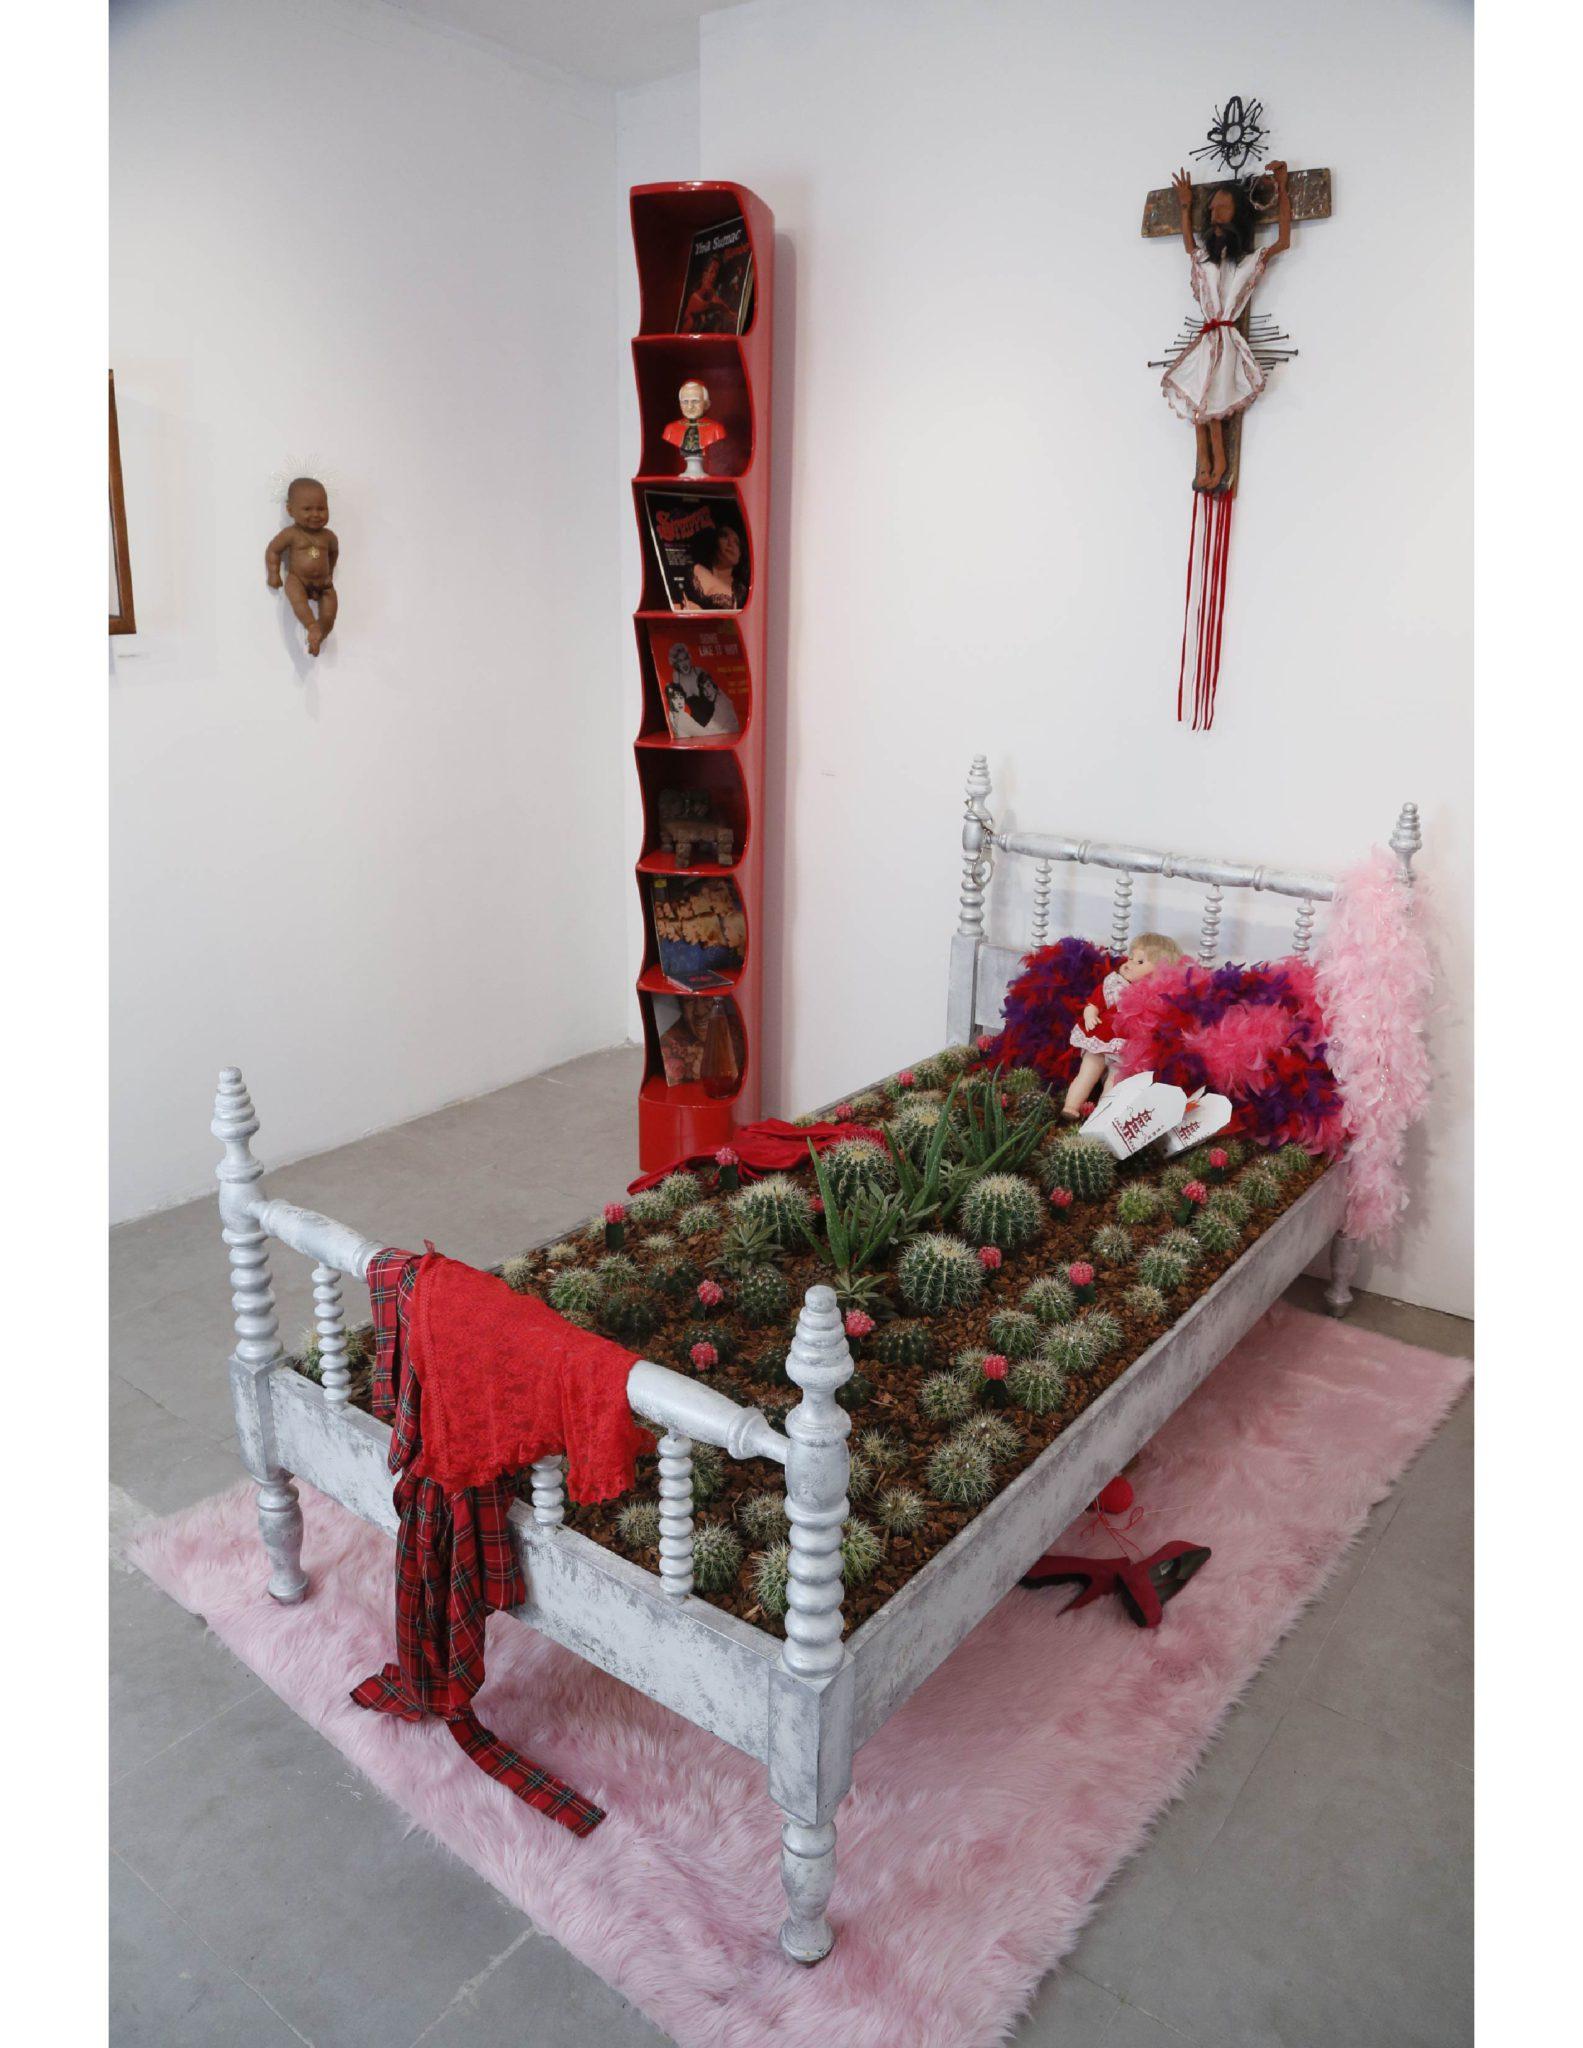 Cactus Bed confessions 1